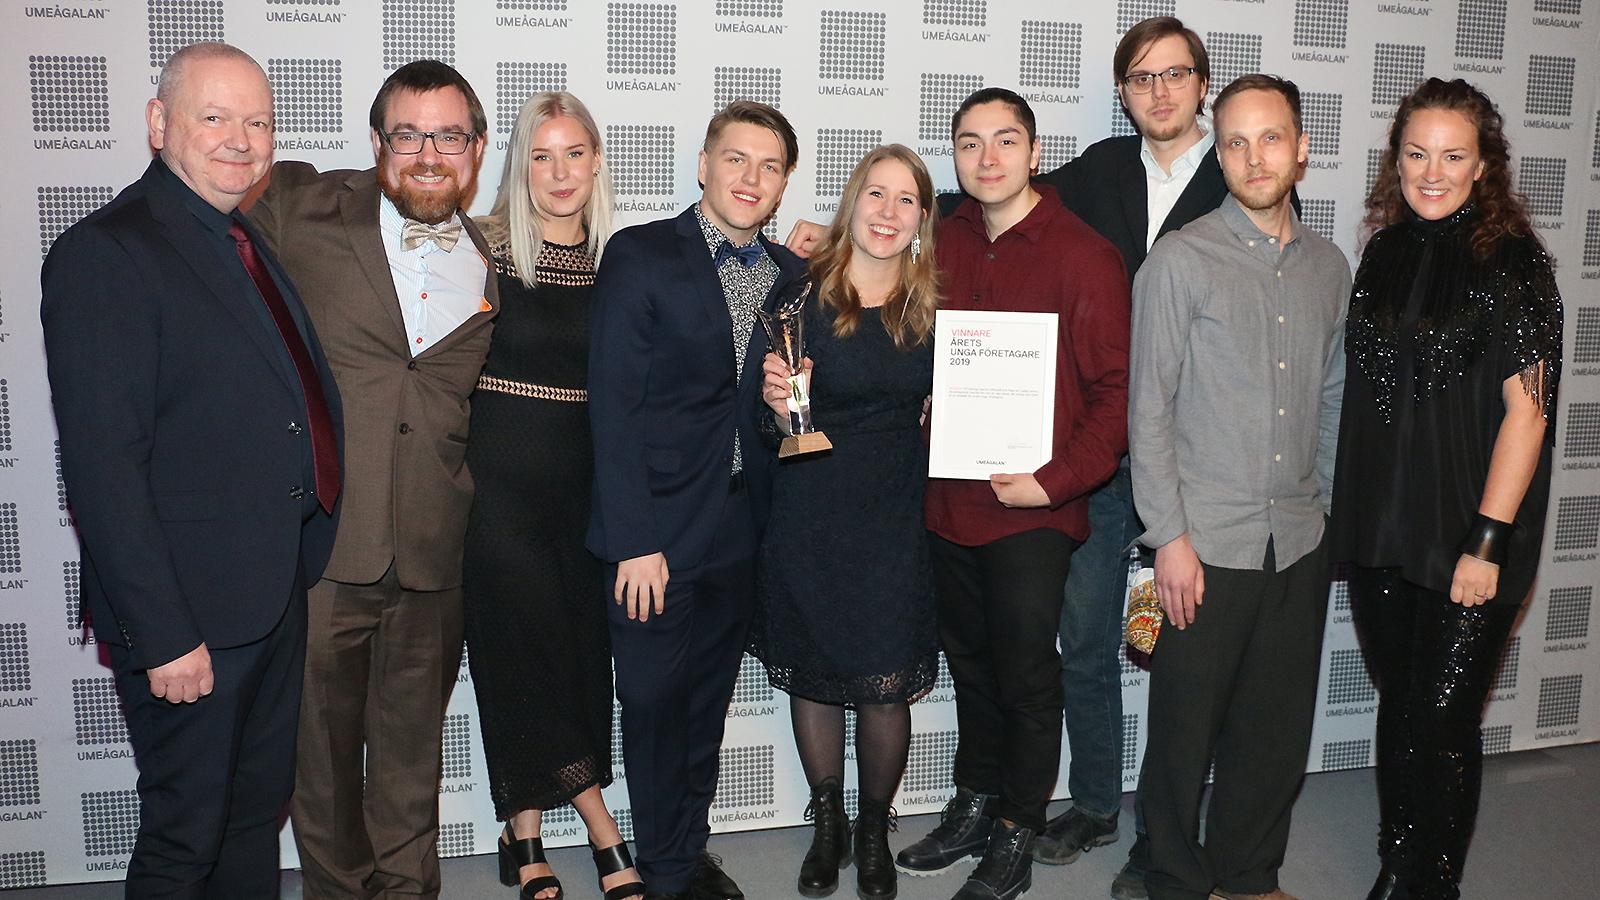 Teamet från Mowida firar tillsammans med grundaren Meiju Vartiainen, mitten. På sidorna prisutdelarna Hans Adolfsson och Frida Wimelius.